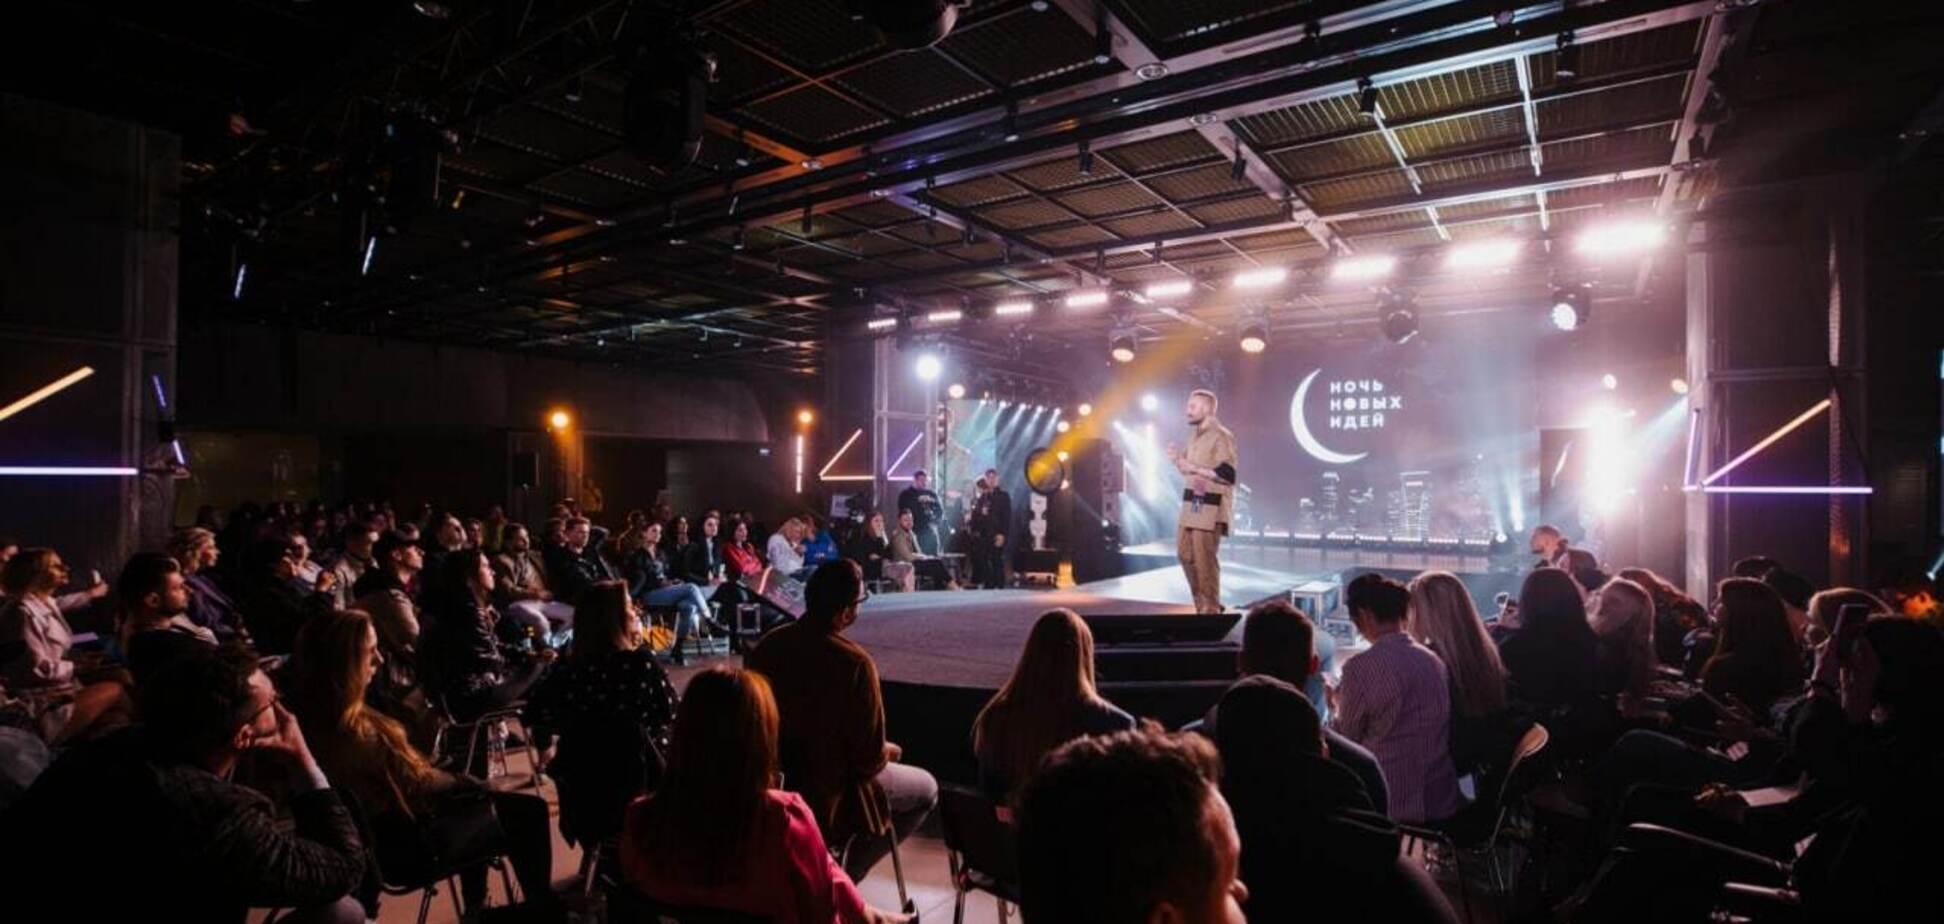 8 и 9 мая в КВЦ Парковый состоялся воркшоп 'Ночь новых идей'